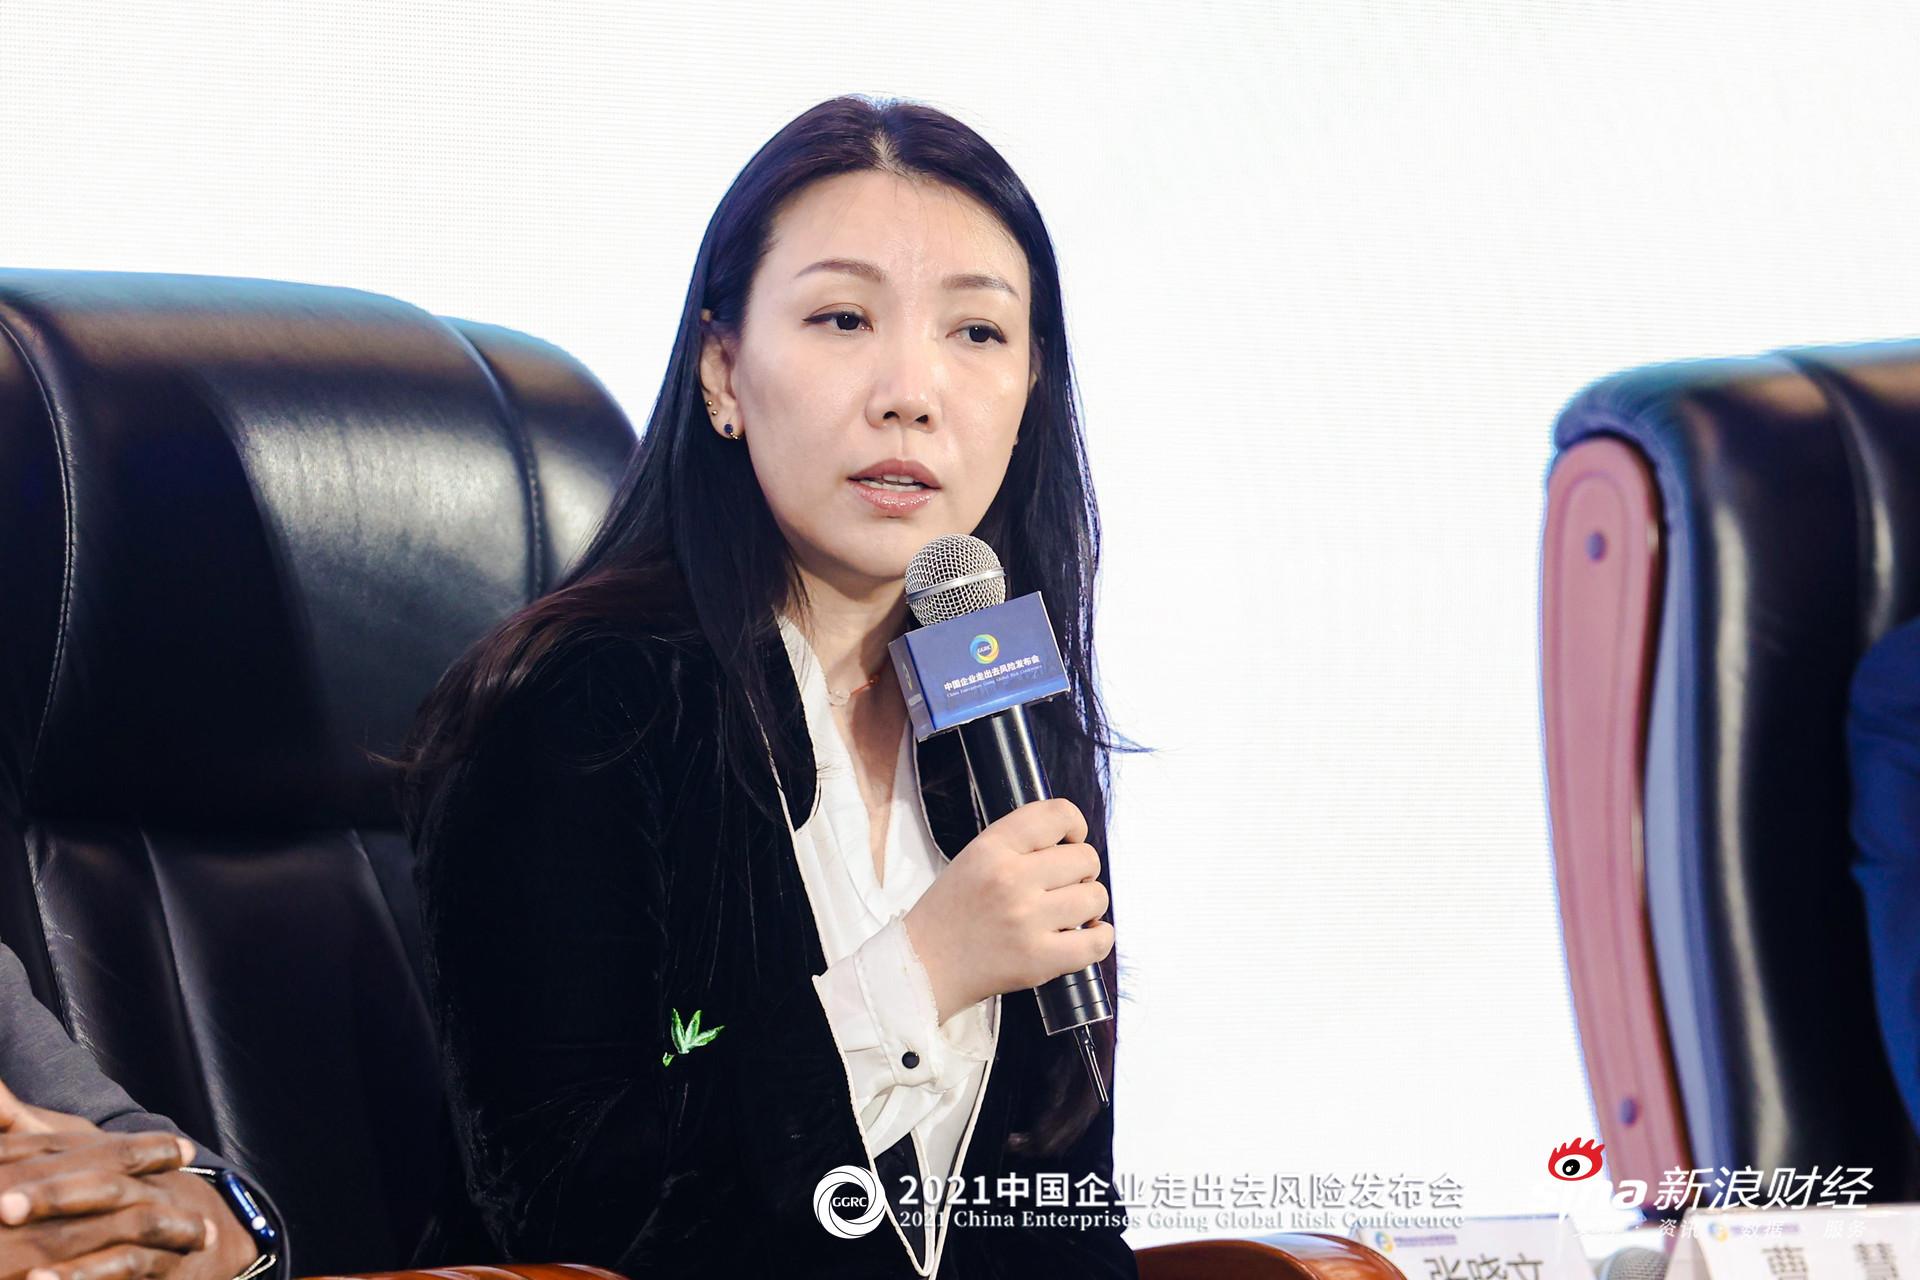 """凤凰卫视张晓文:中企应转变思维做""""影响力投资"""""""